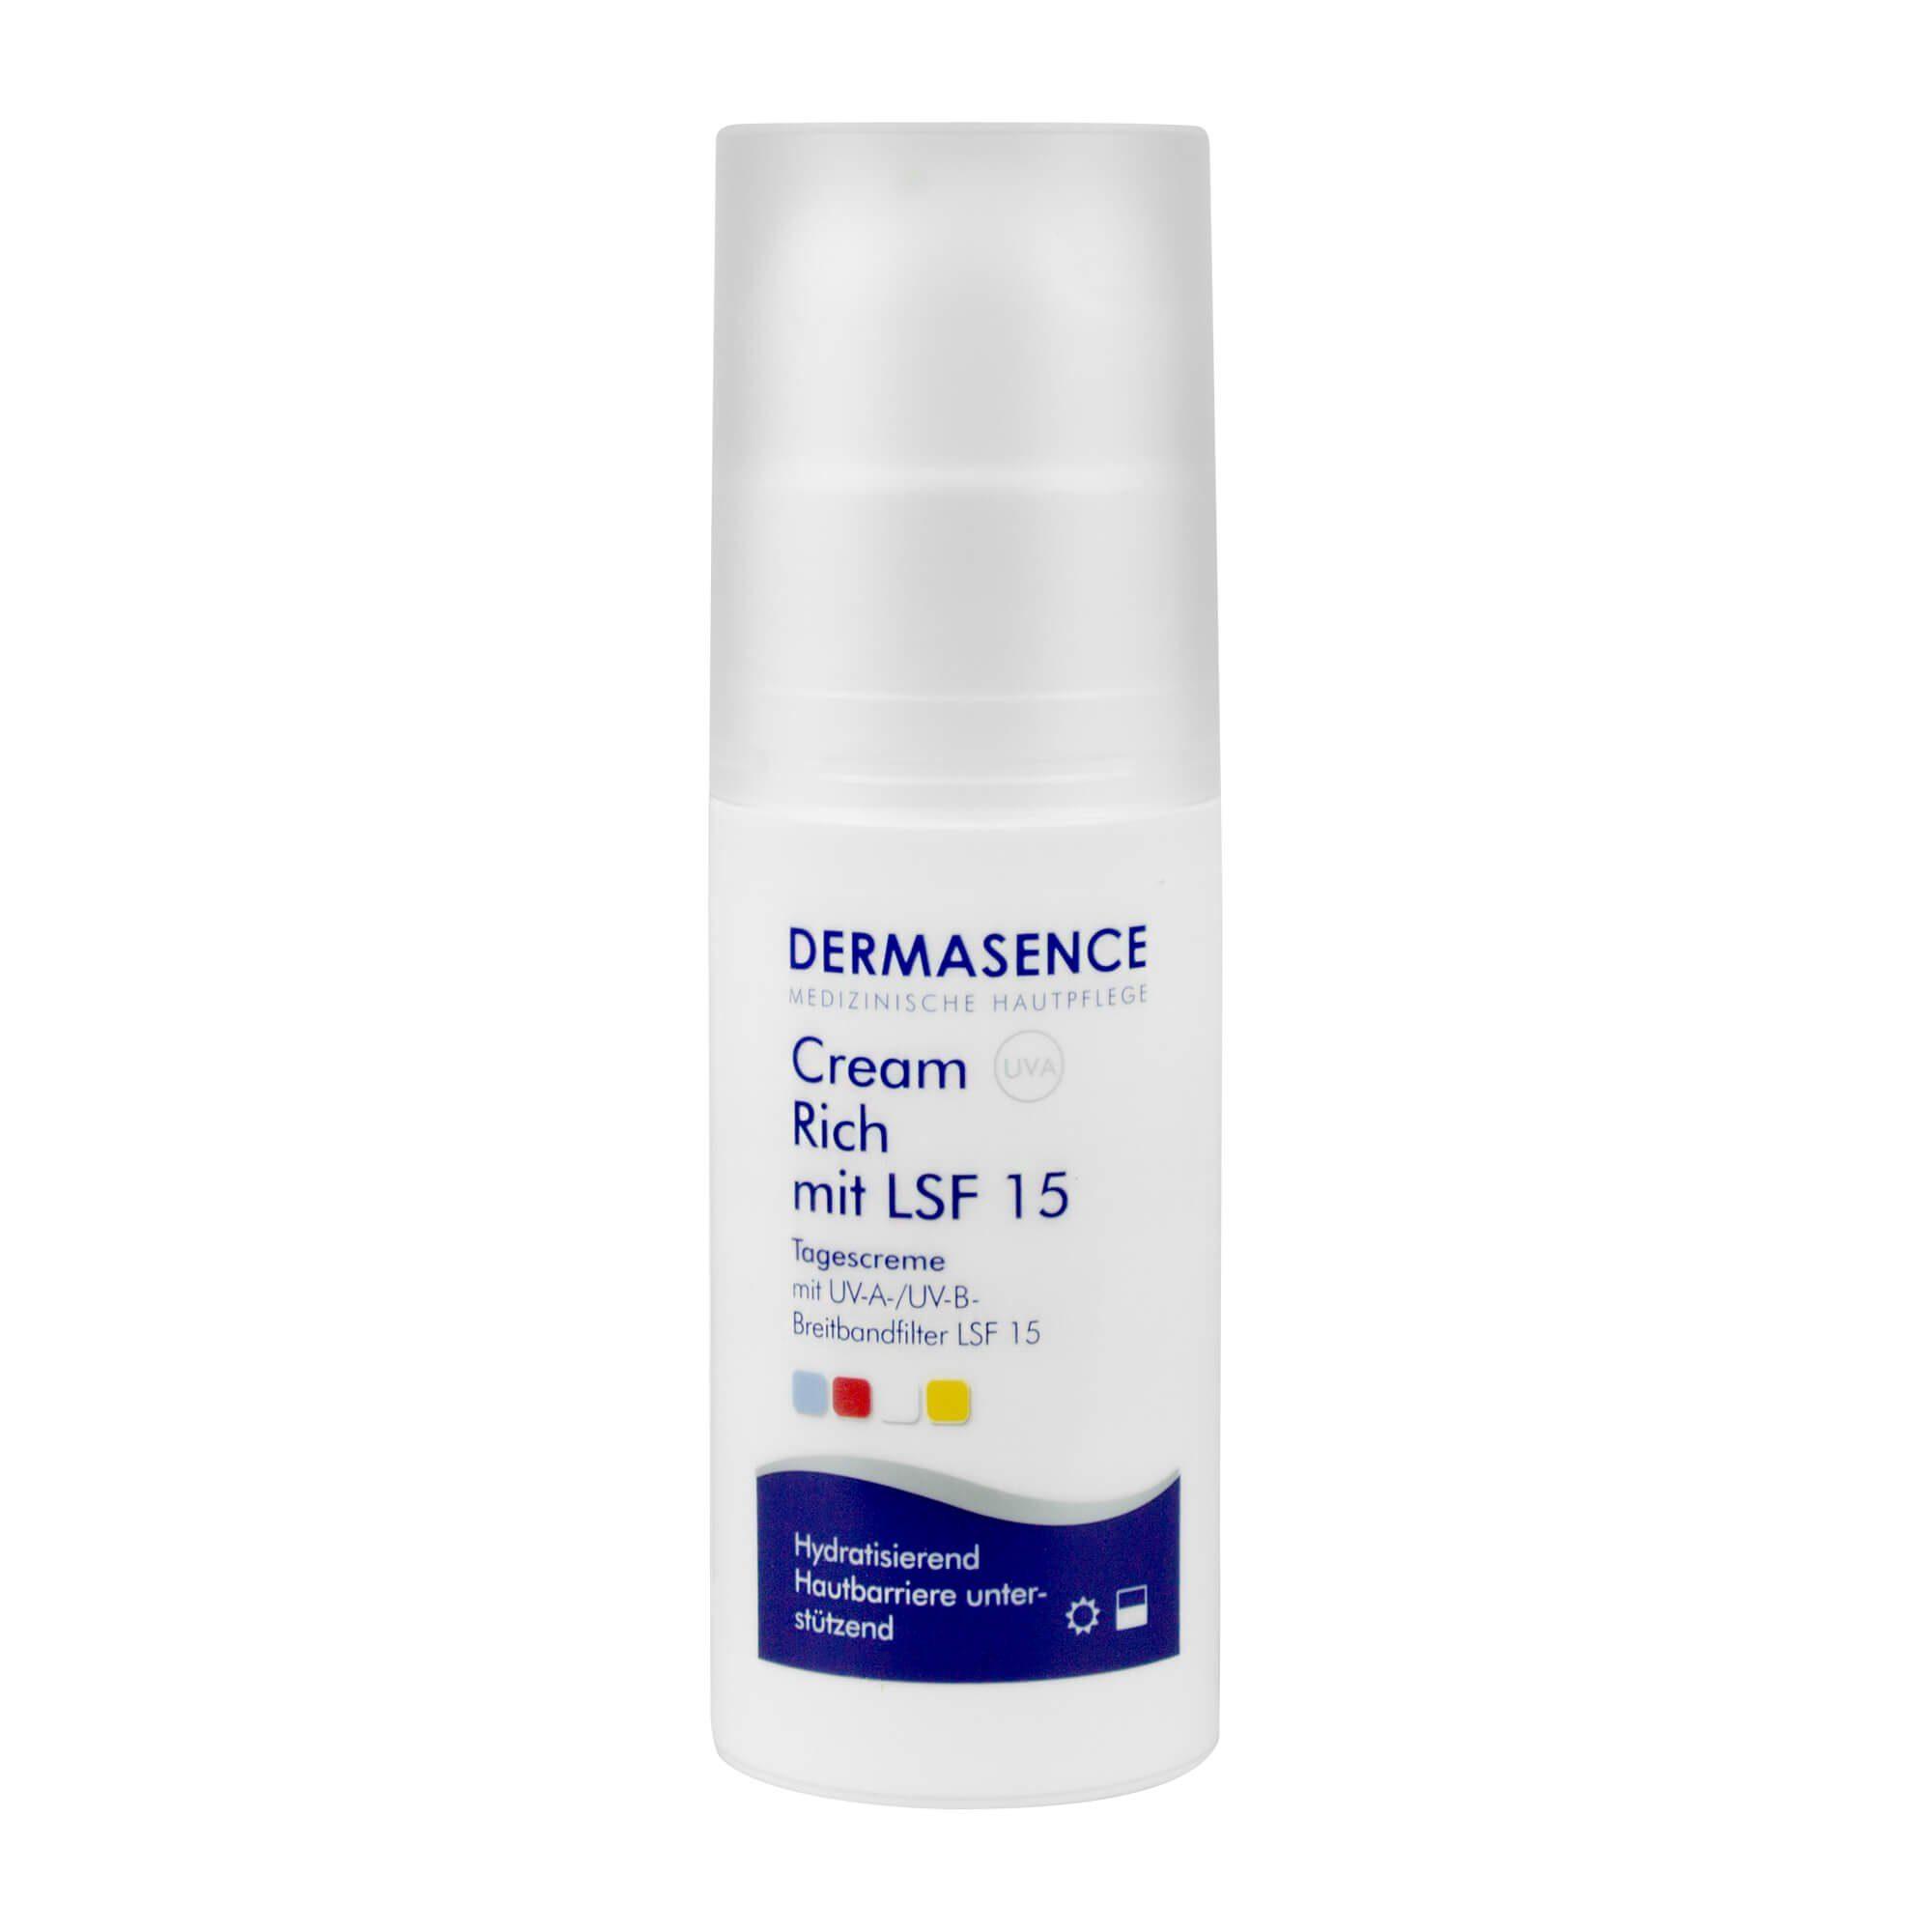 Dermasence Dermasence Cream Rich mit LSF 15 , 50 ml